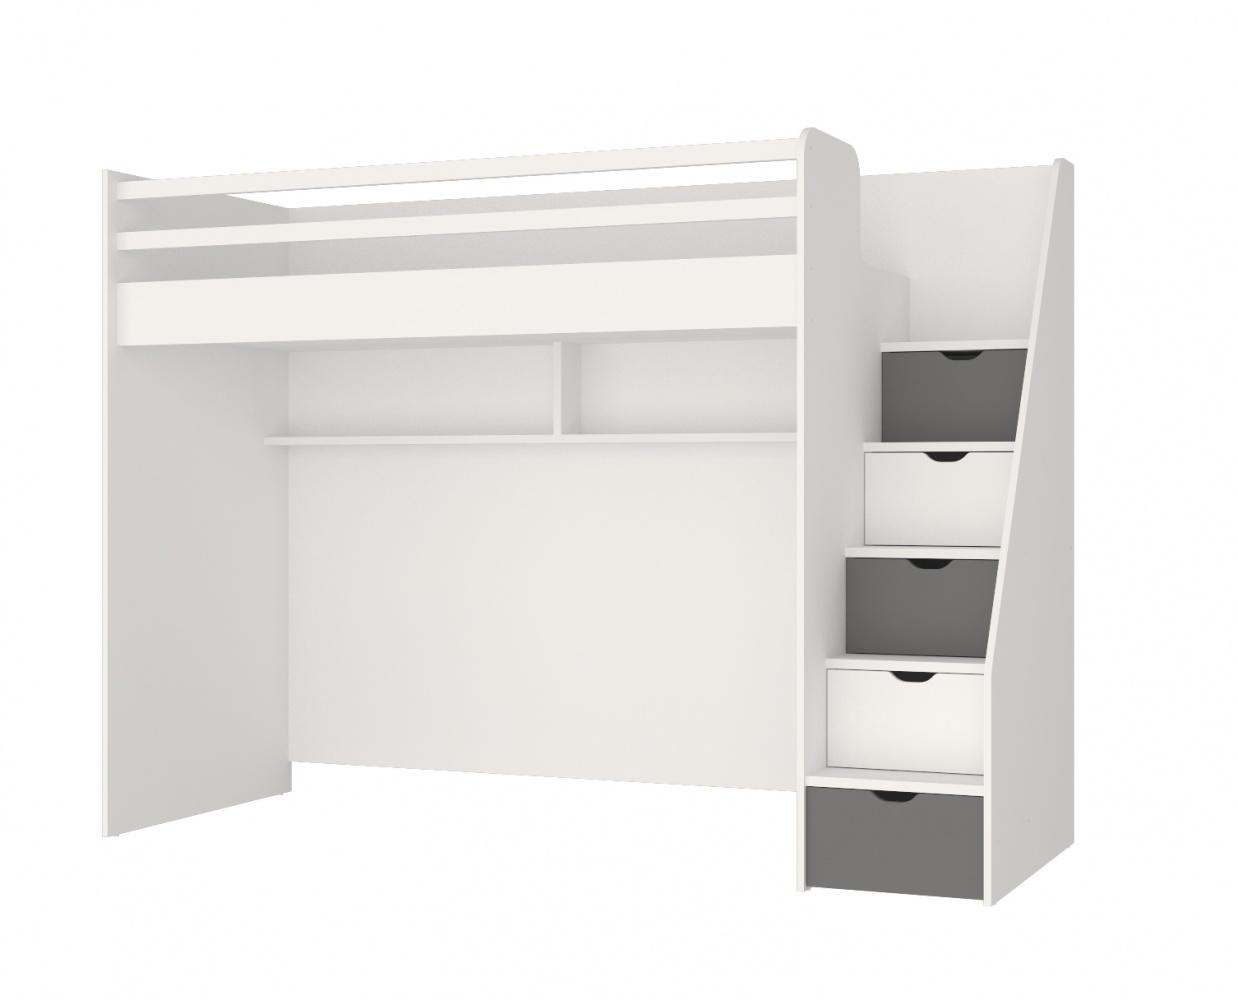 Almilas Hochbett Neos für Jugendzimmer mit LEDs Weiß/Grau